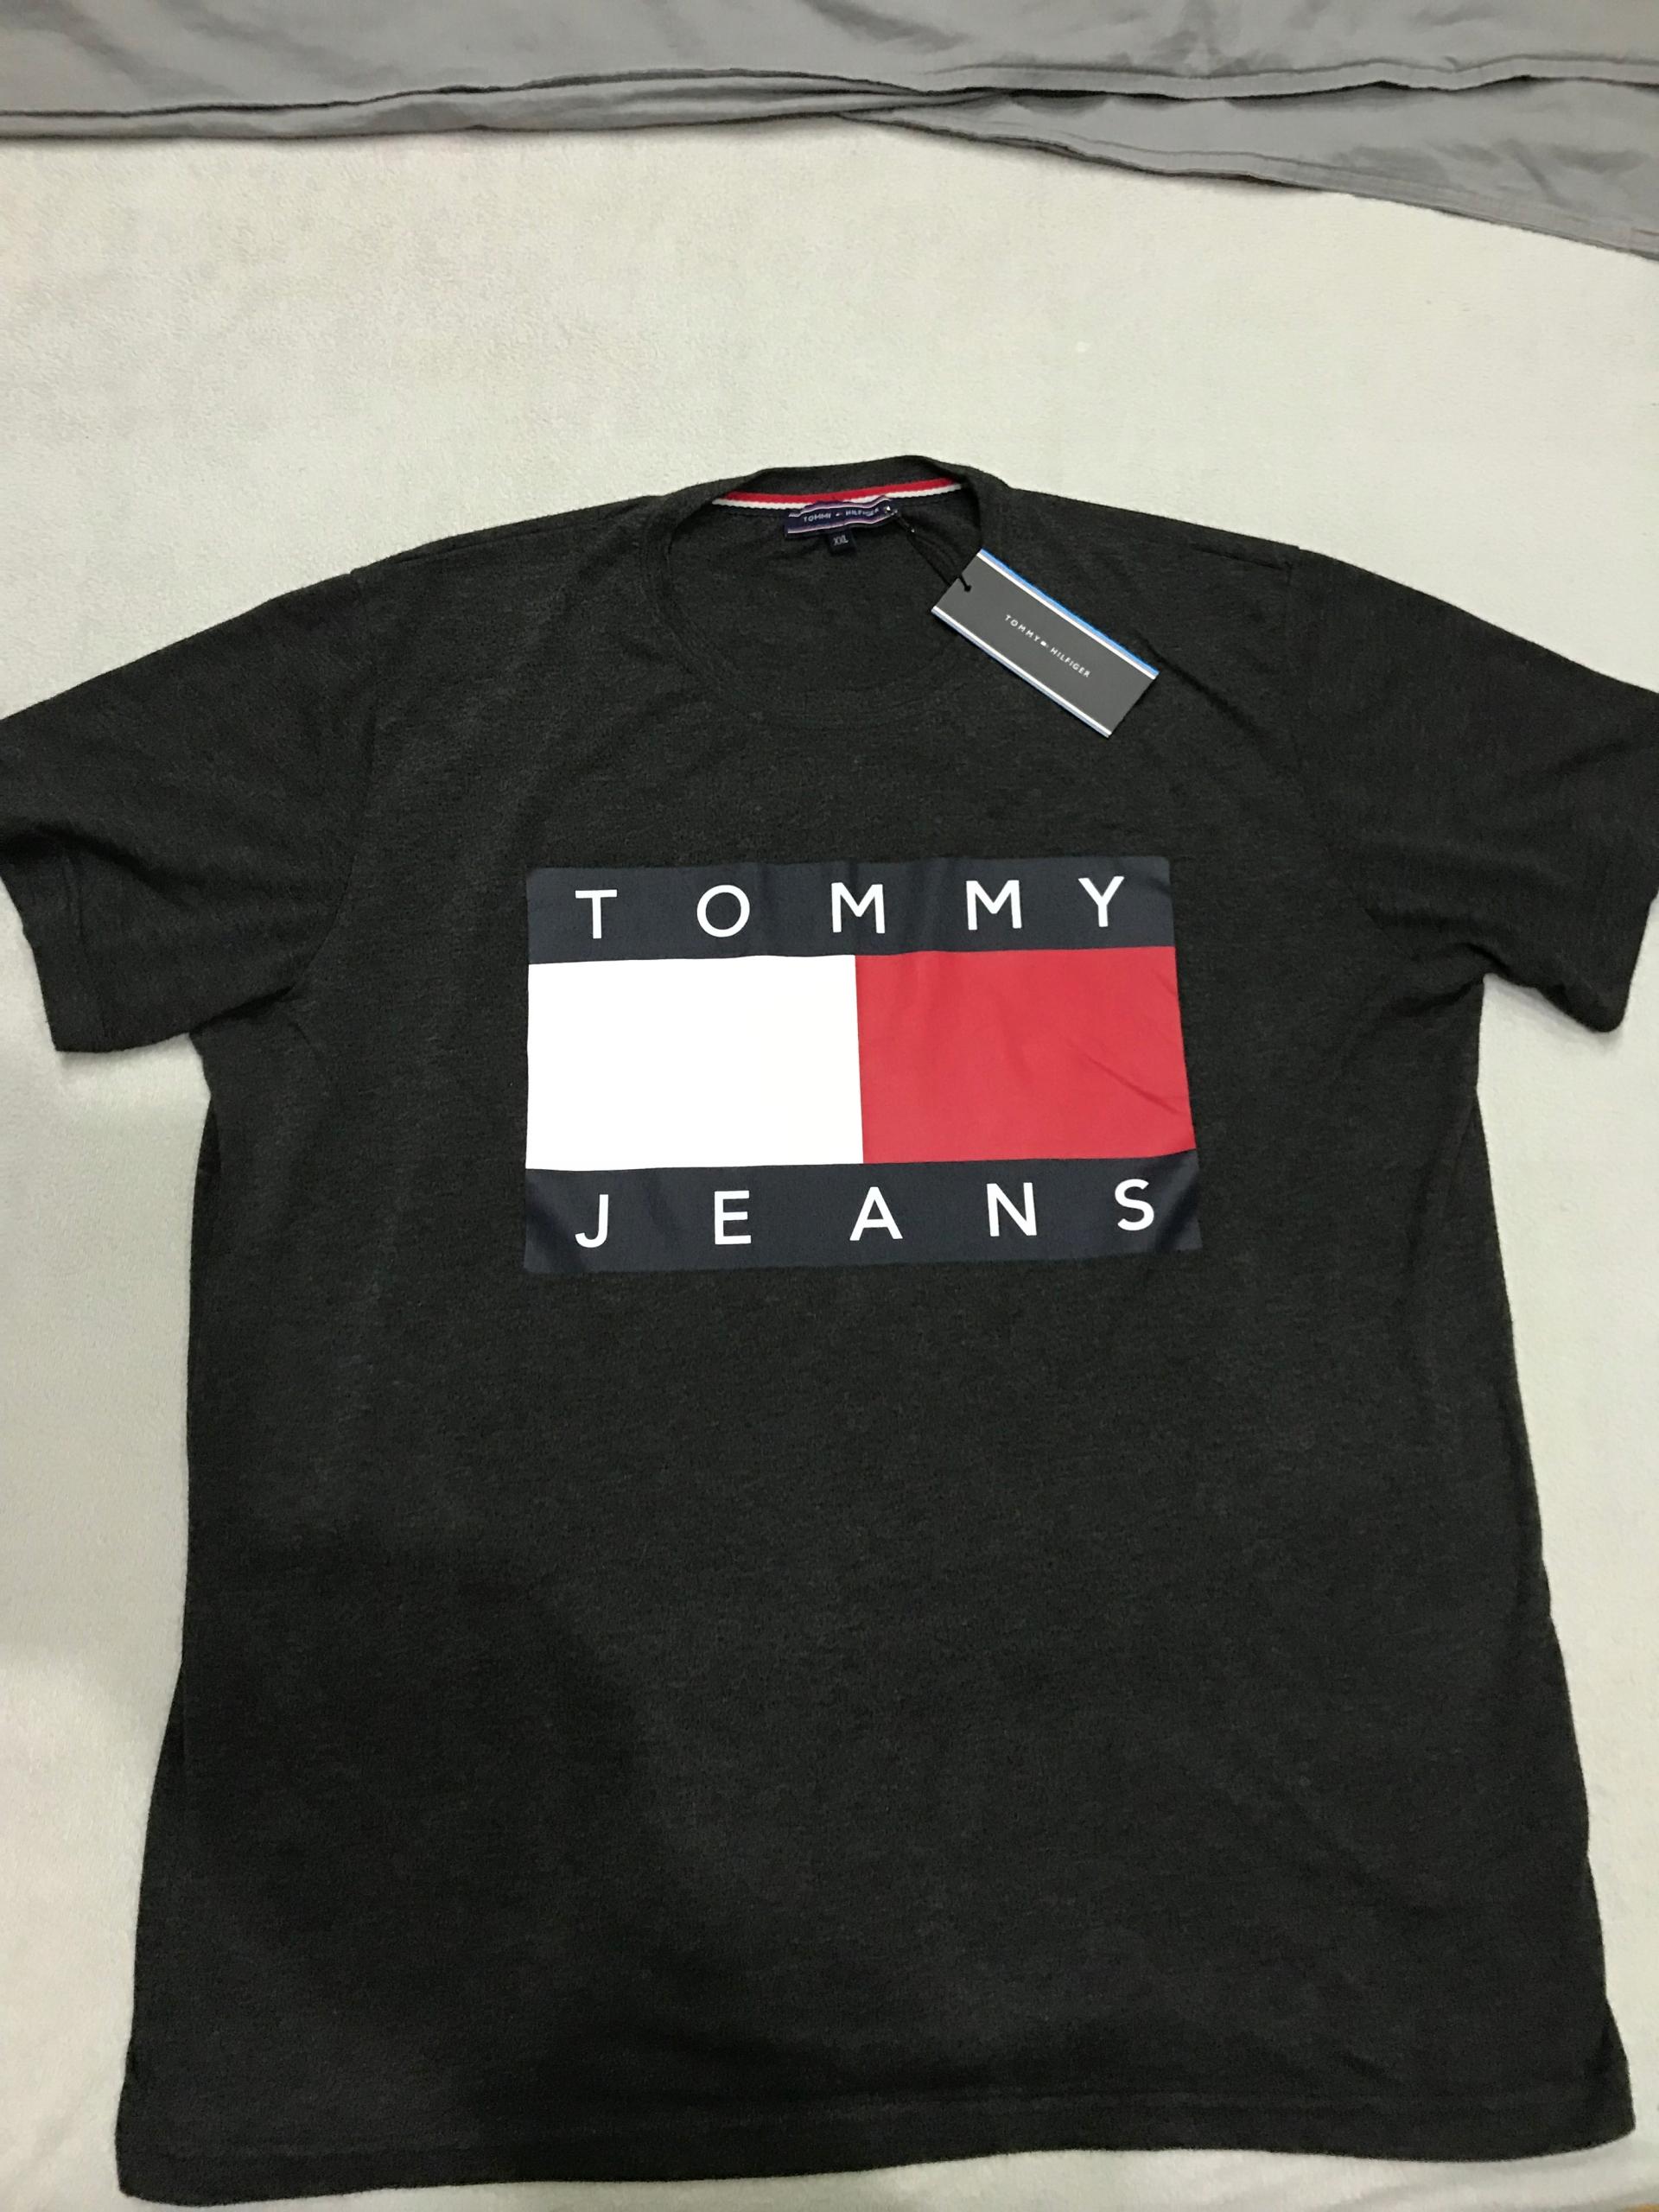 9409b70ce68ec T-Shirt Tommy Hilfiger Jeans XXL - 7710798828 - oficjalne archiwum ...